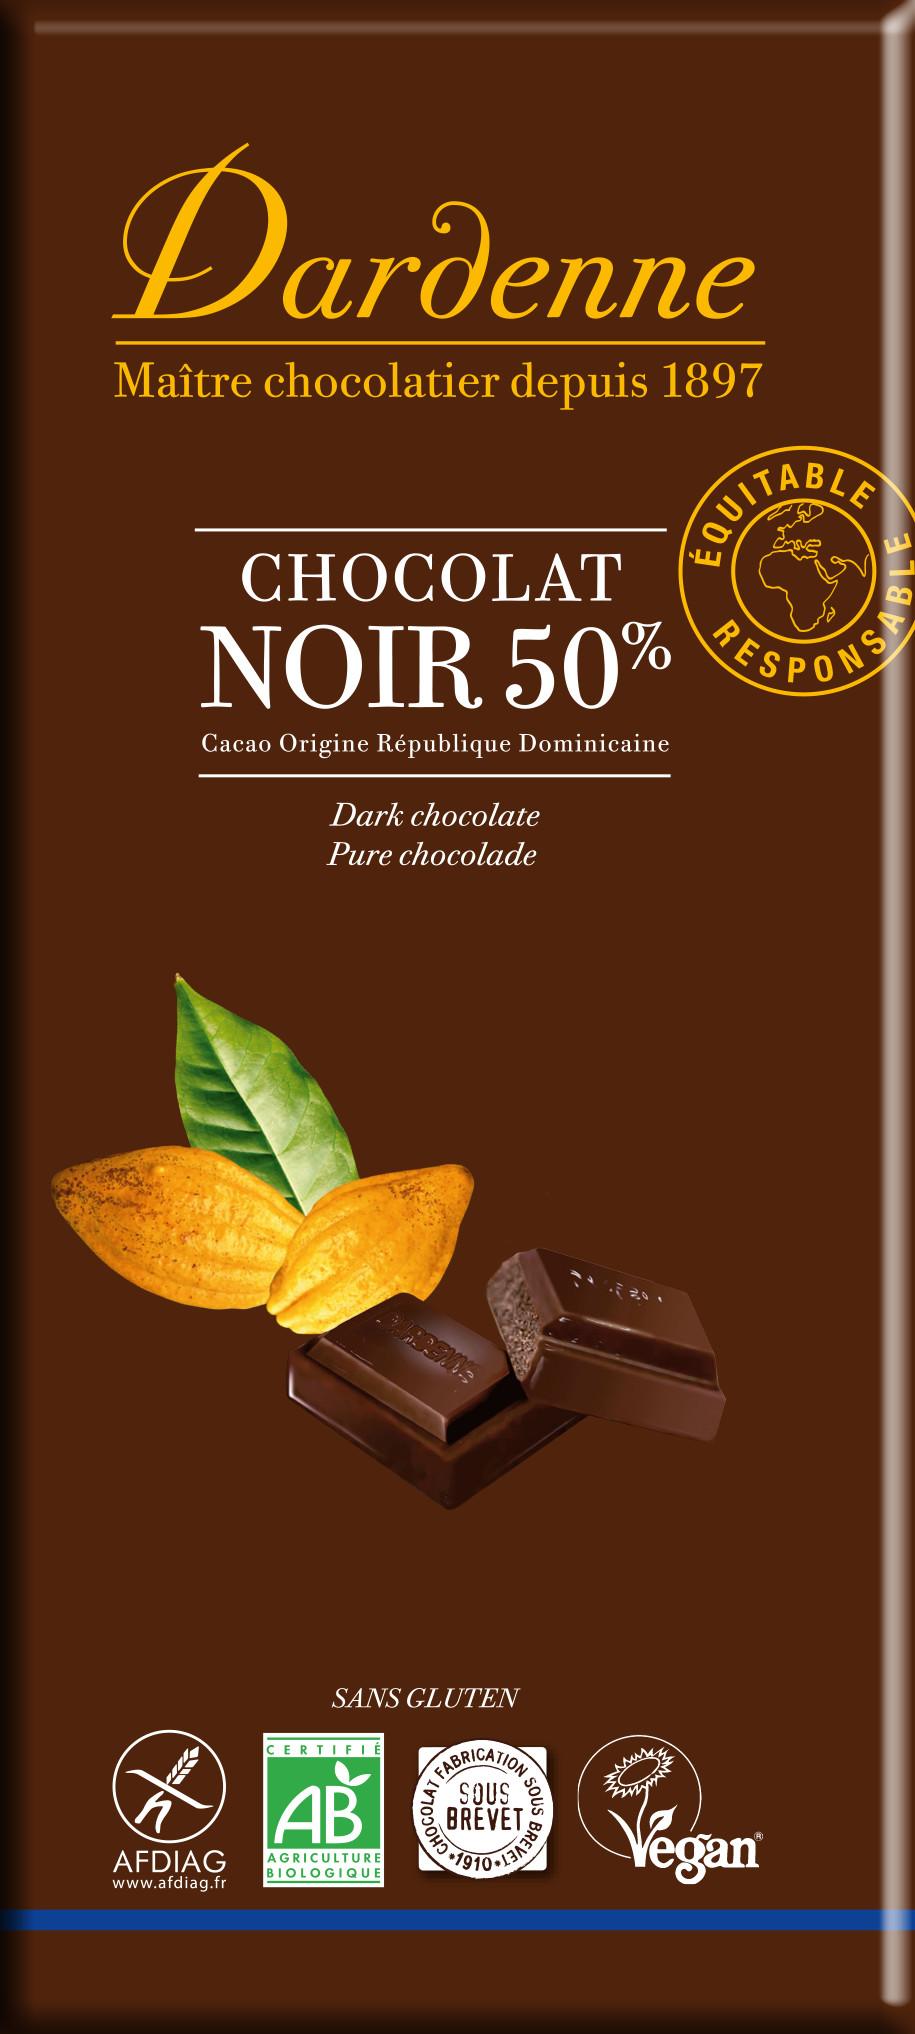 Image DARDENNE chocolat noir au sucre de canne 50% cacao